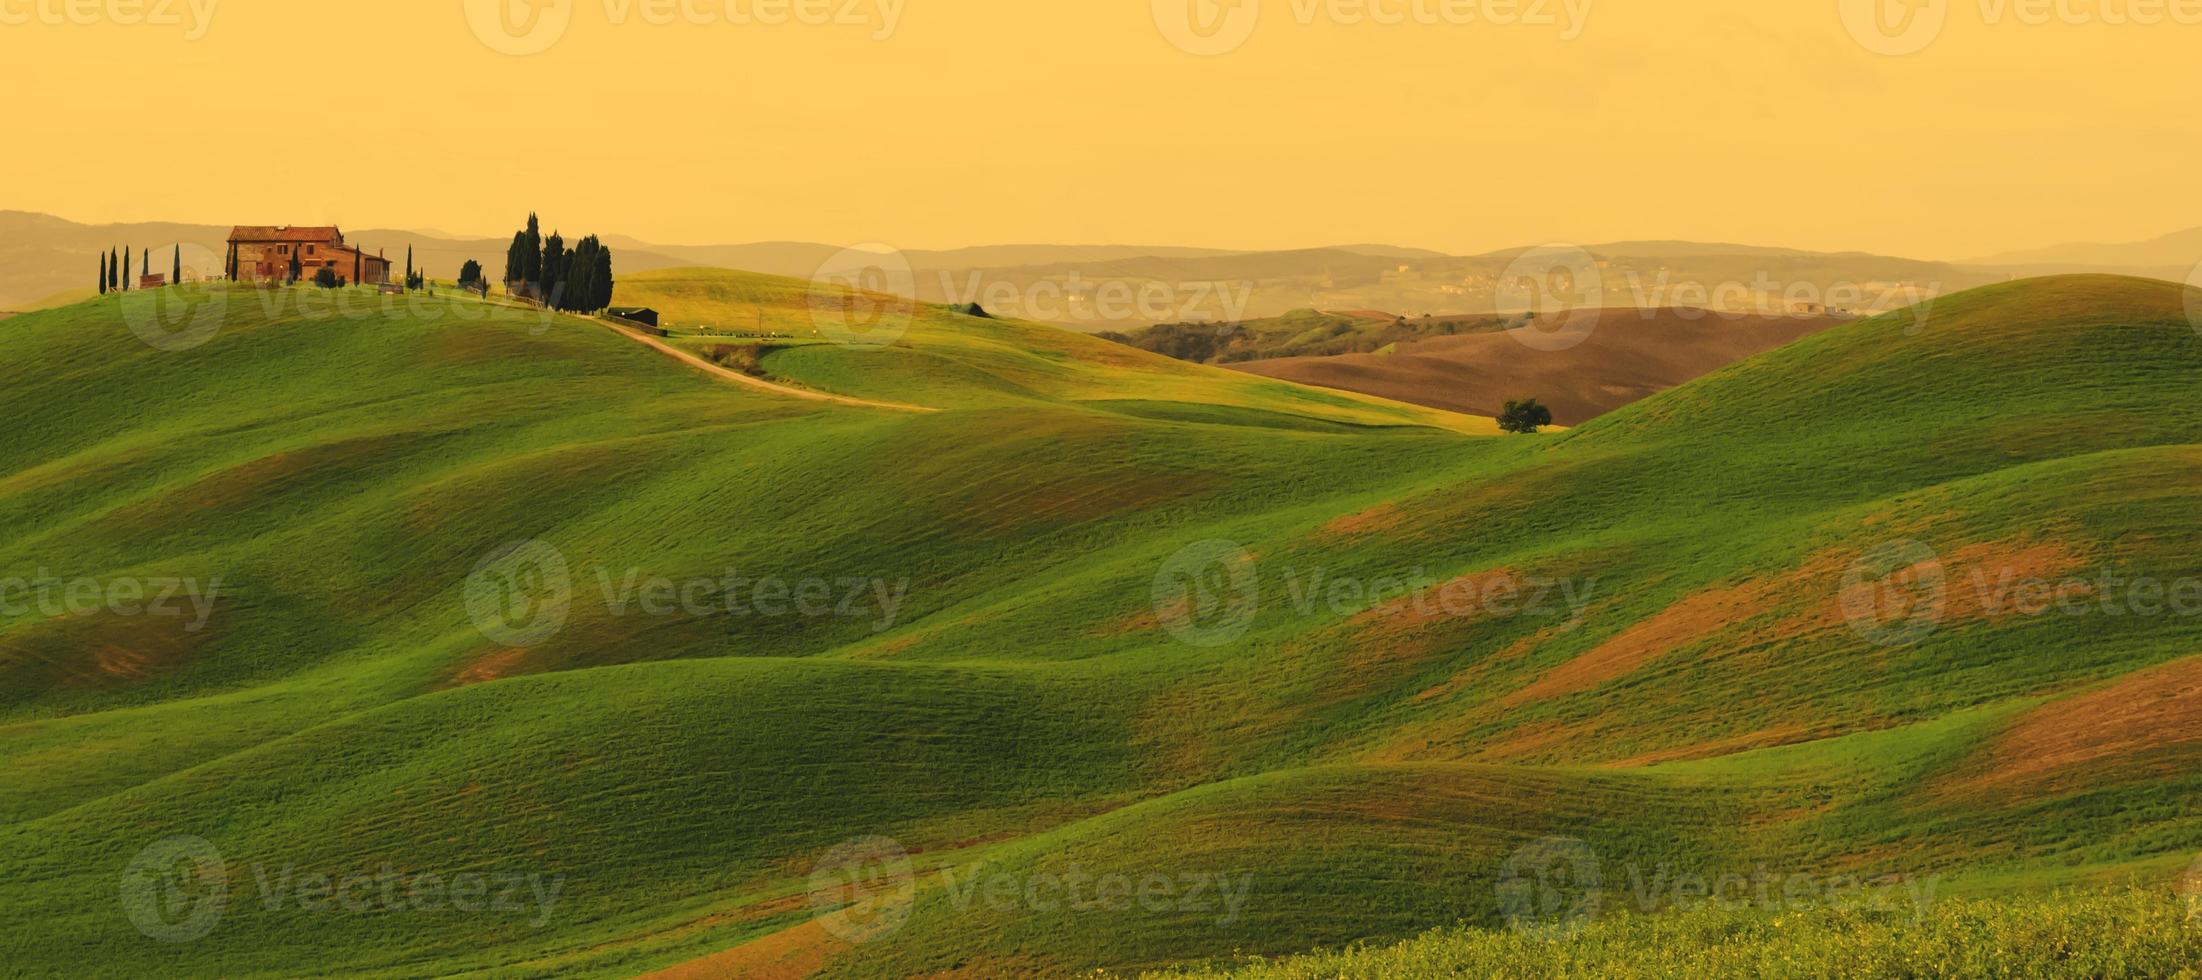 Sunset on Tuscany landscape photo